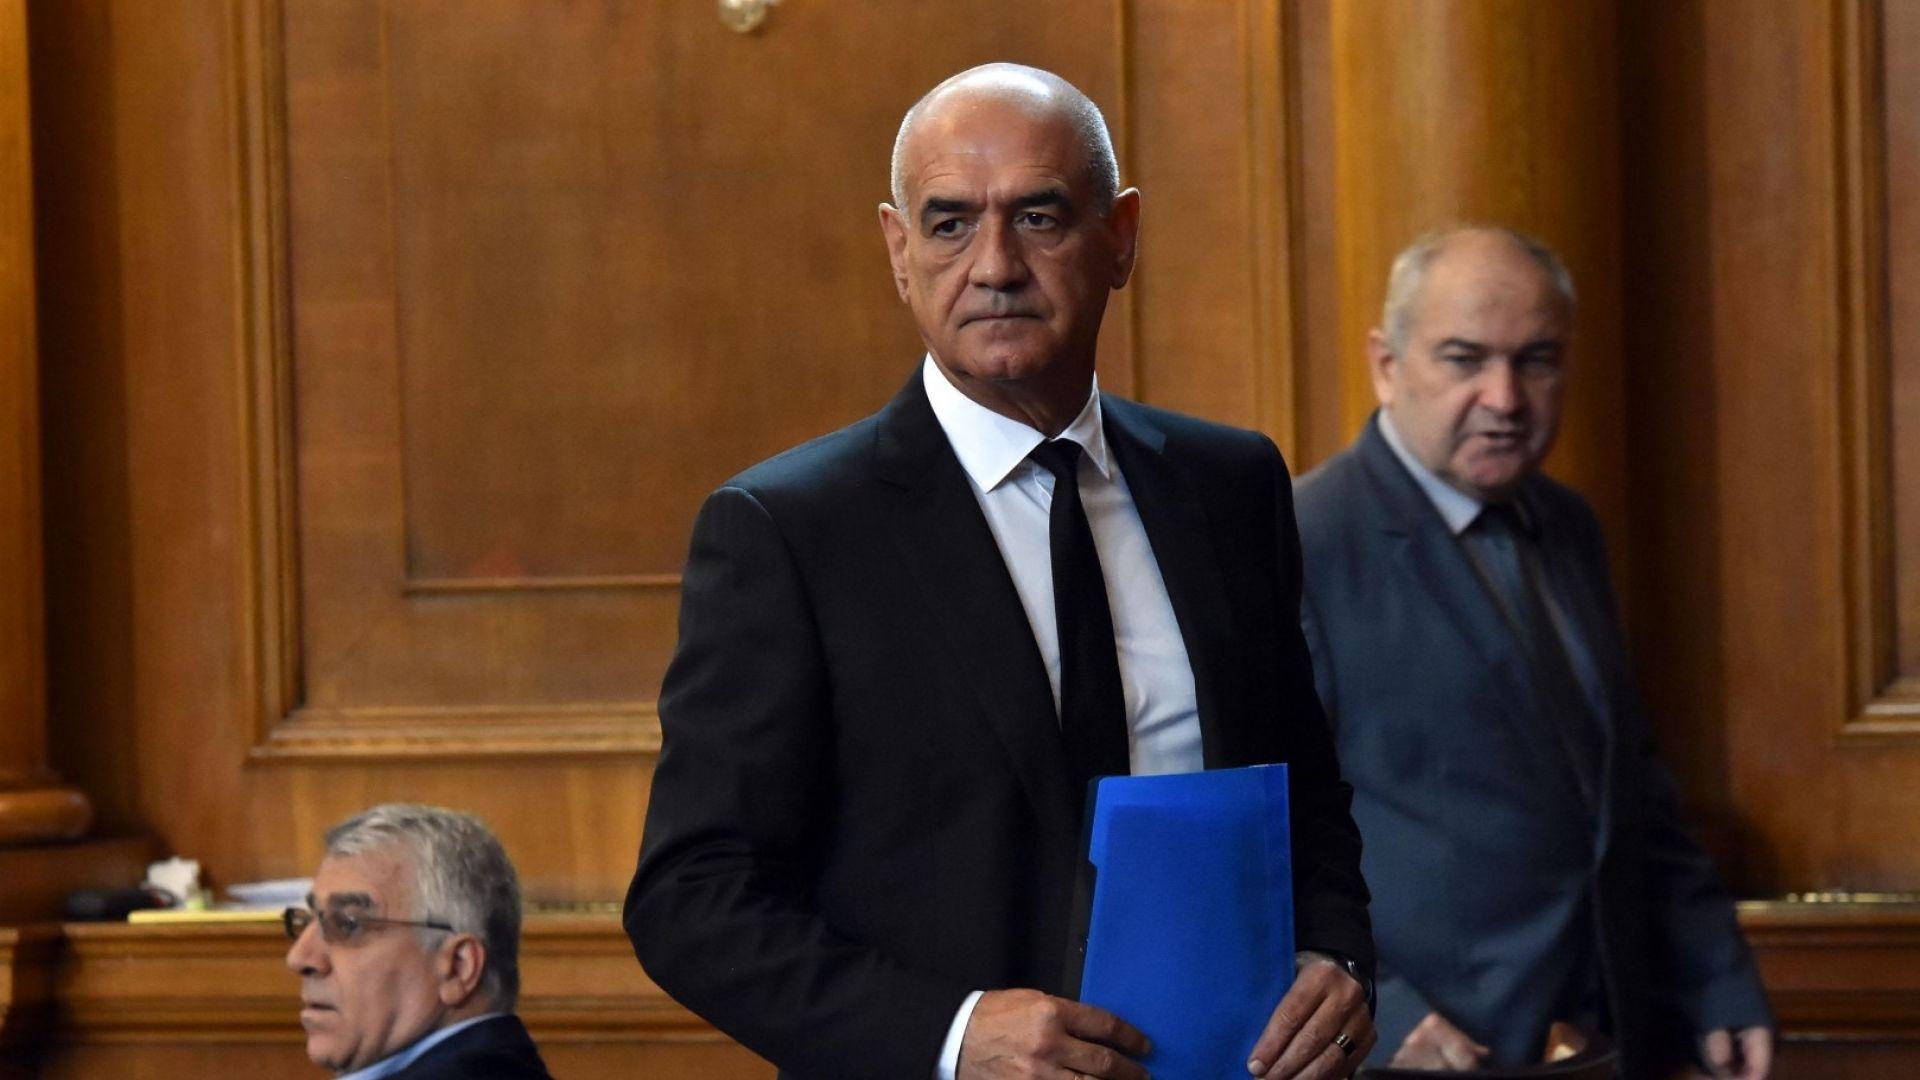 БСП праща в прокуратурата твърденията на Дечо Дечев за източване на НЗОК